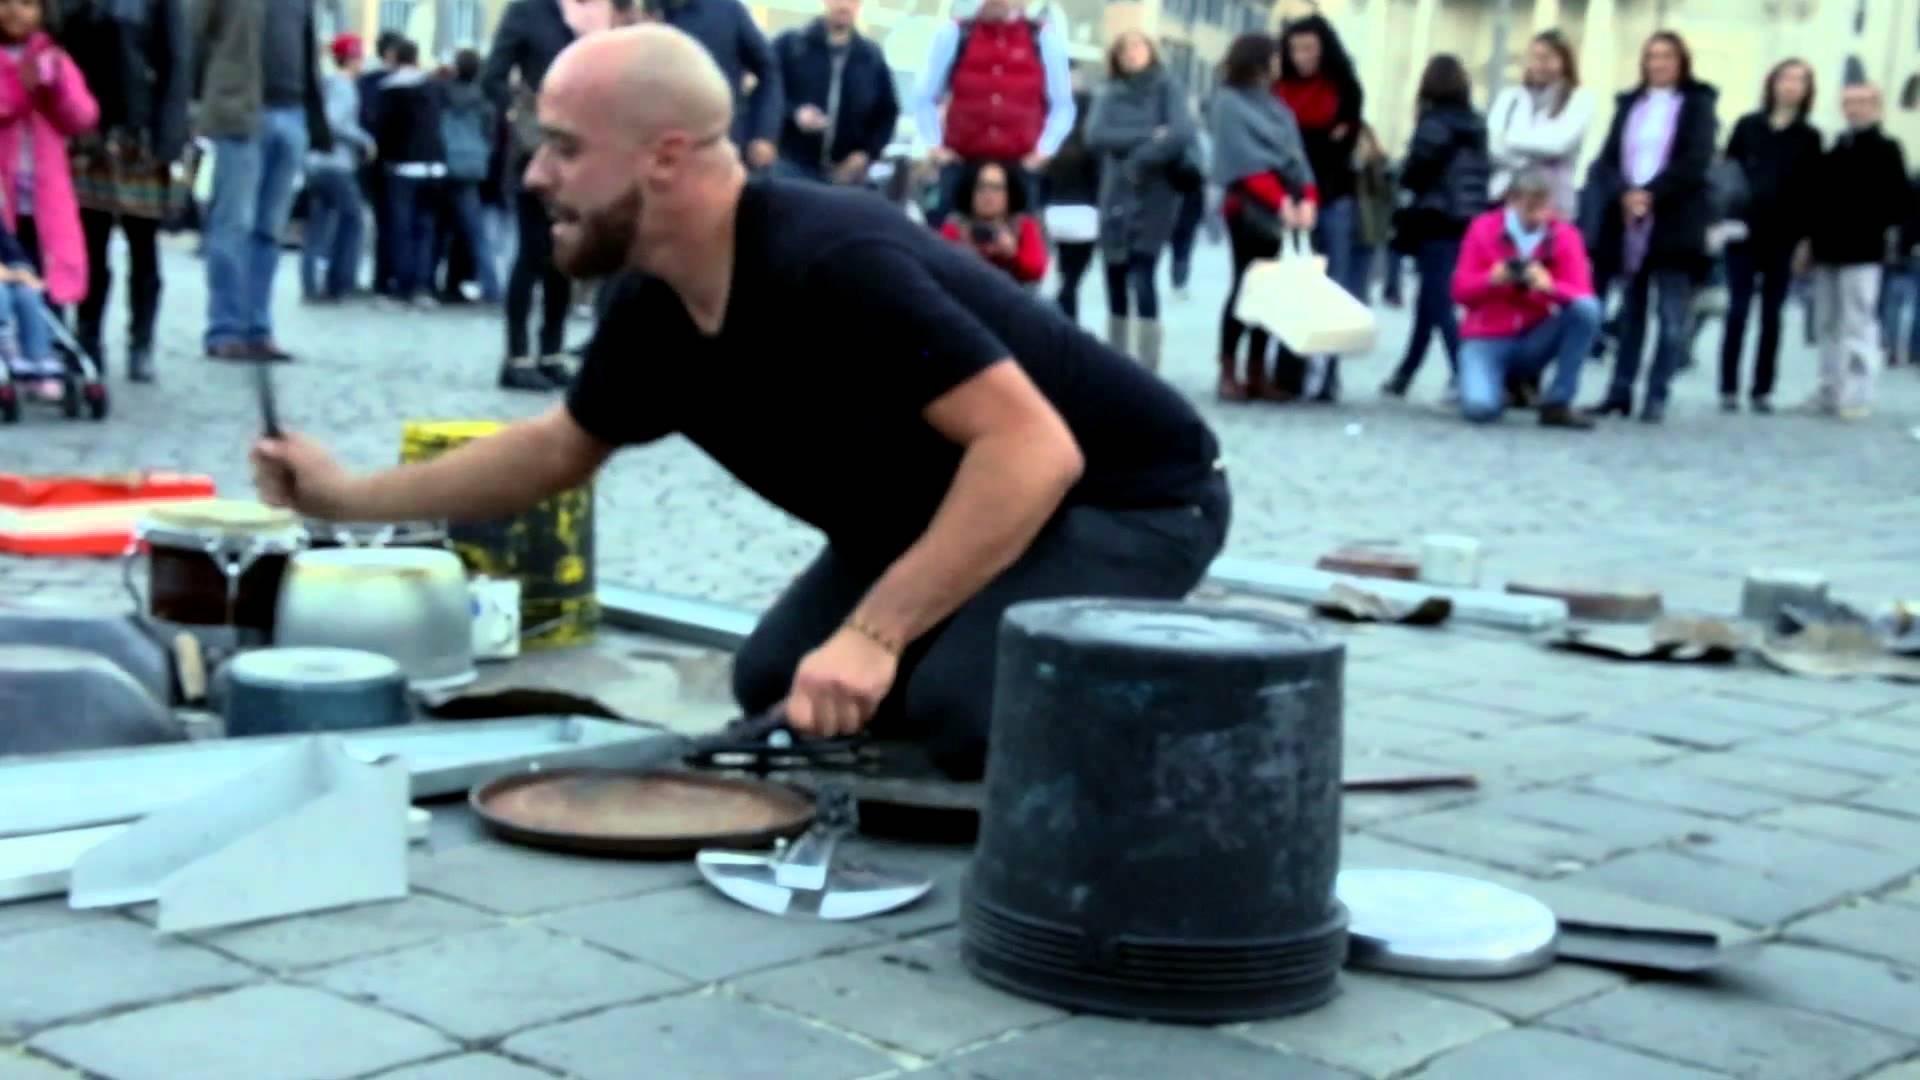 Rave street performer